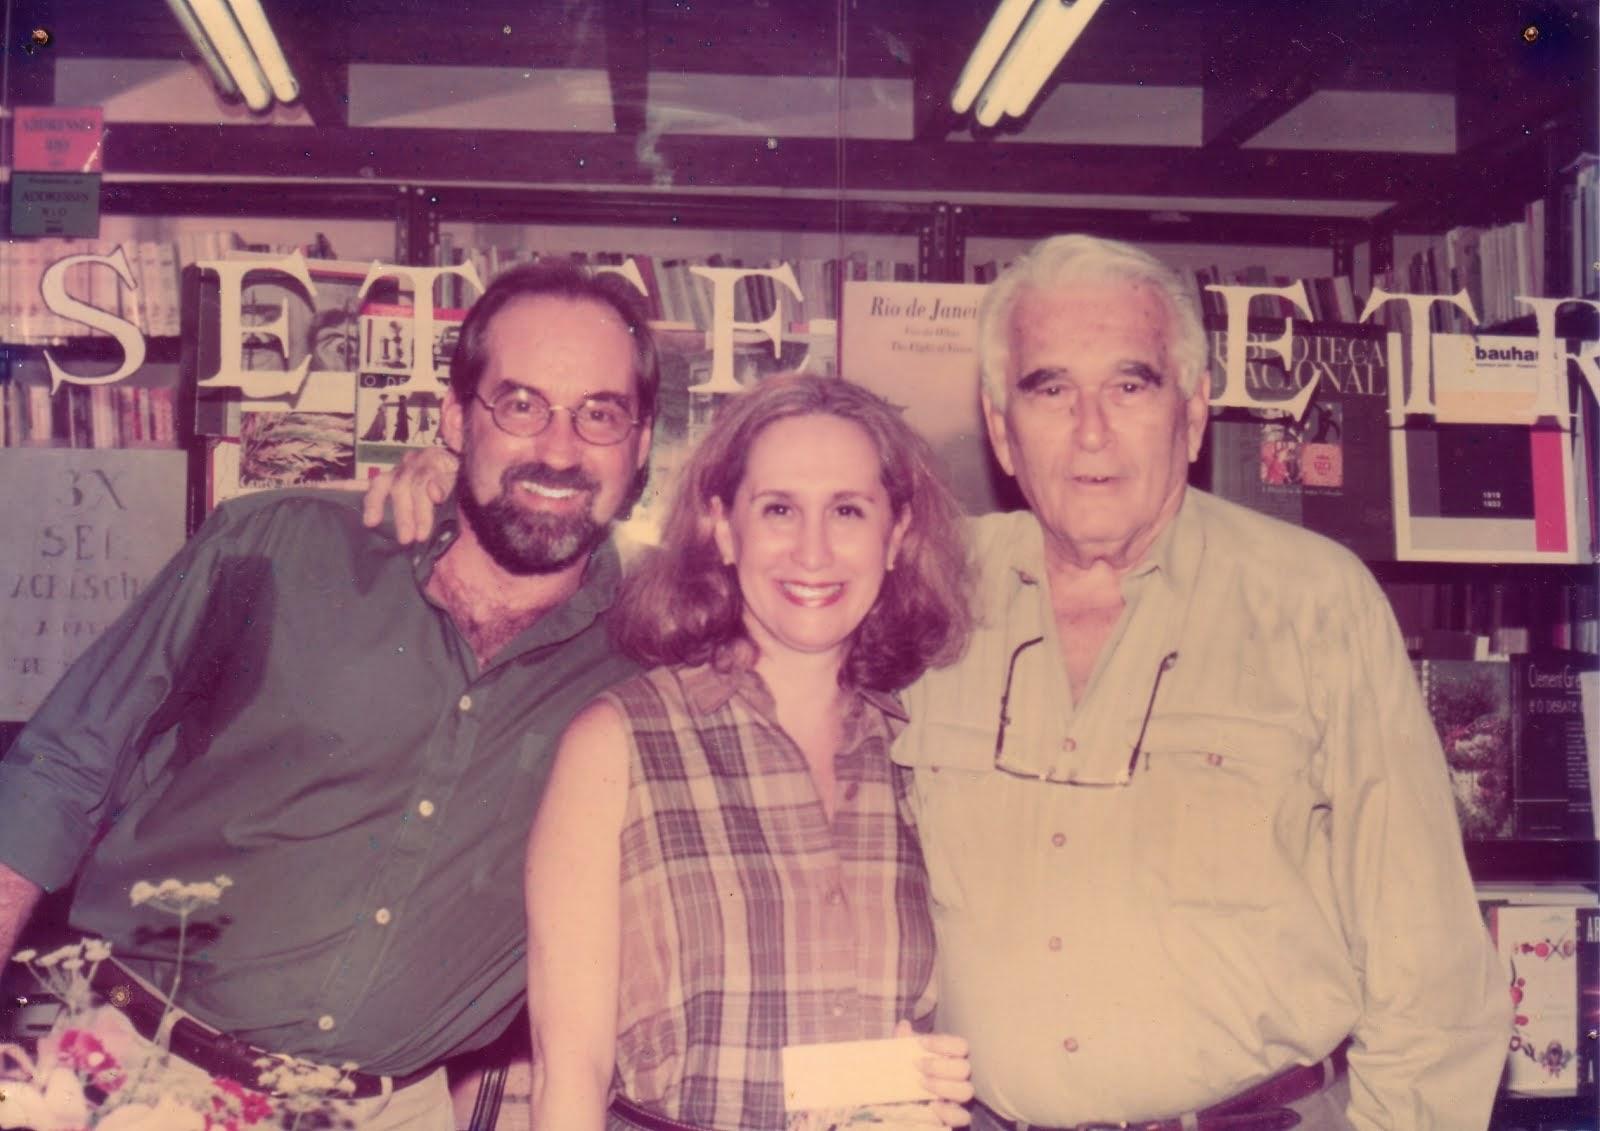 Lançamento do livro Canto de sombras, 1997. Foto de arquivo pessoal.